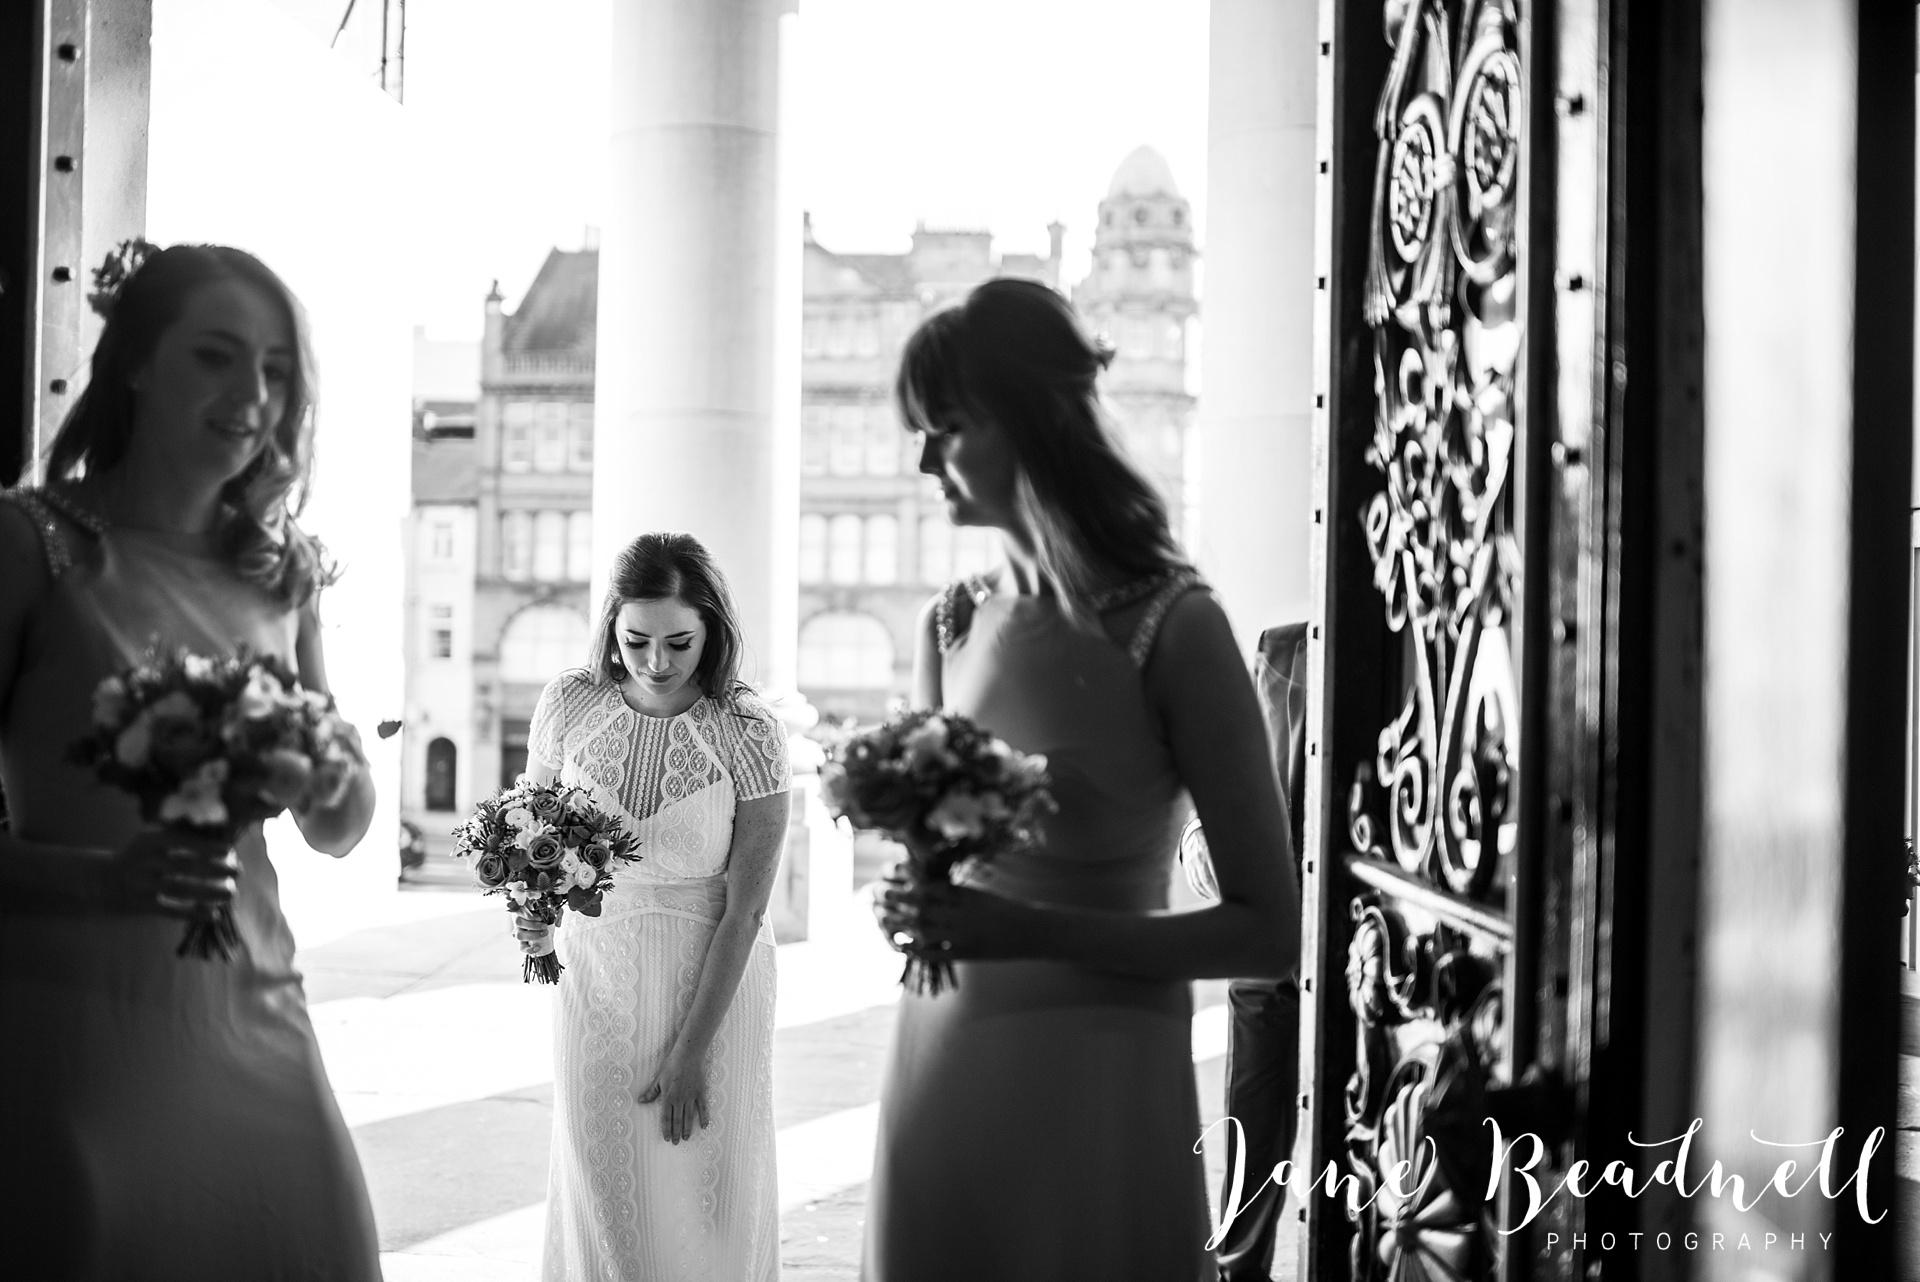 Wedding photography Cross Keys Leeds Wedding Jane Beadnell Photography_0021